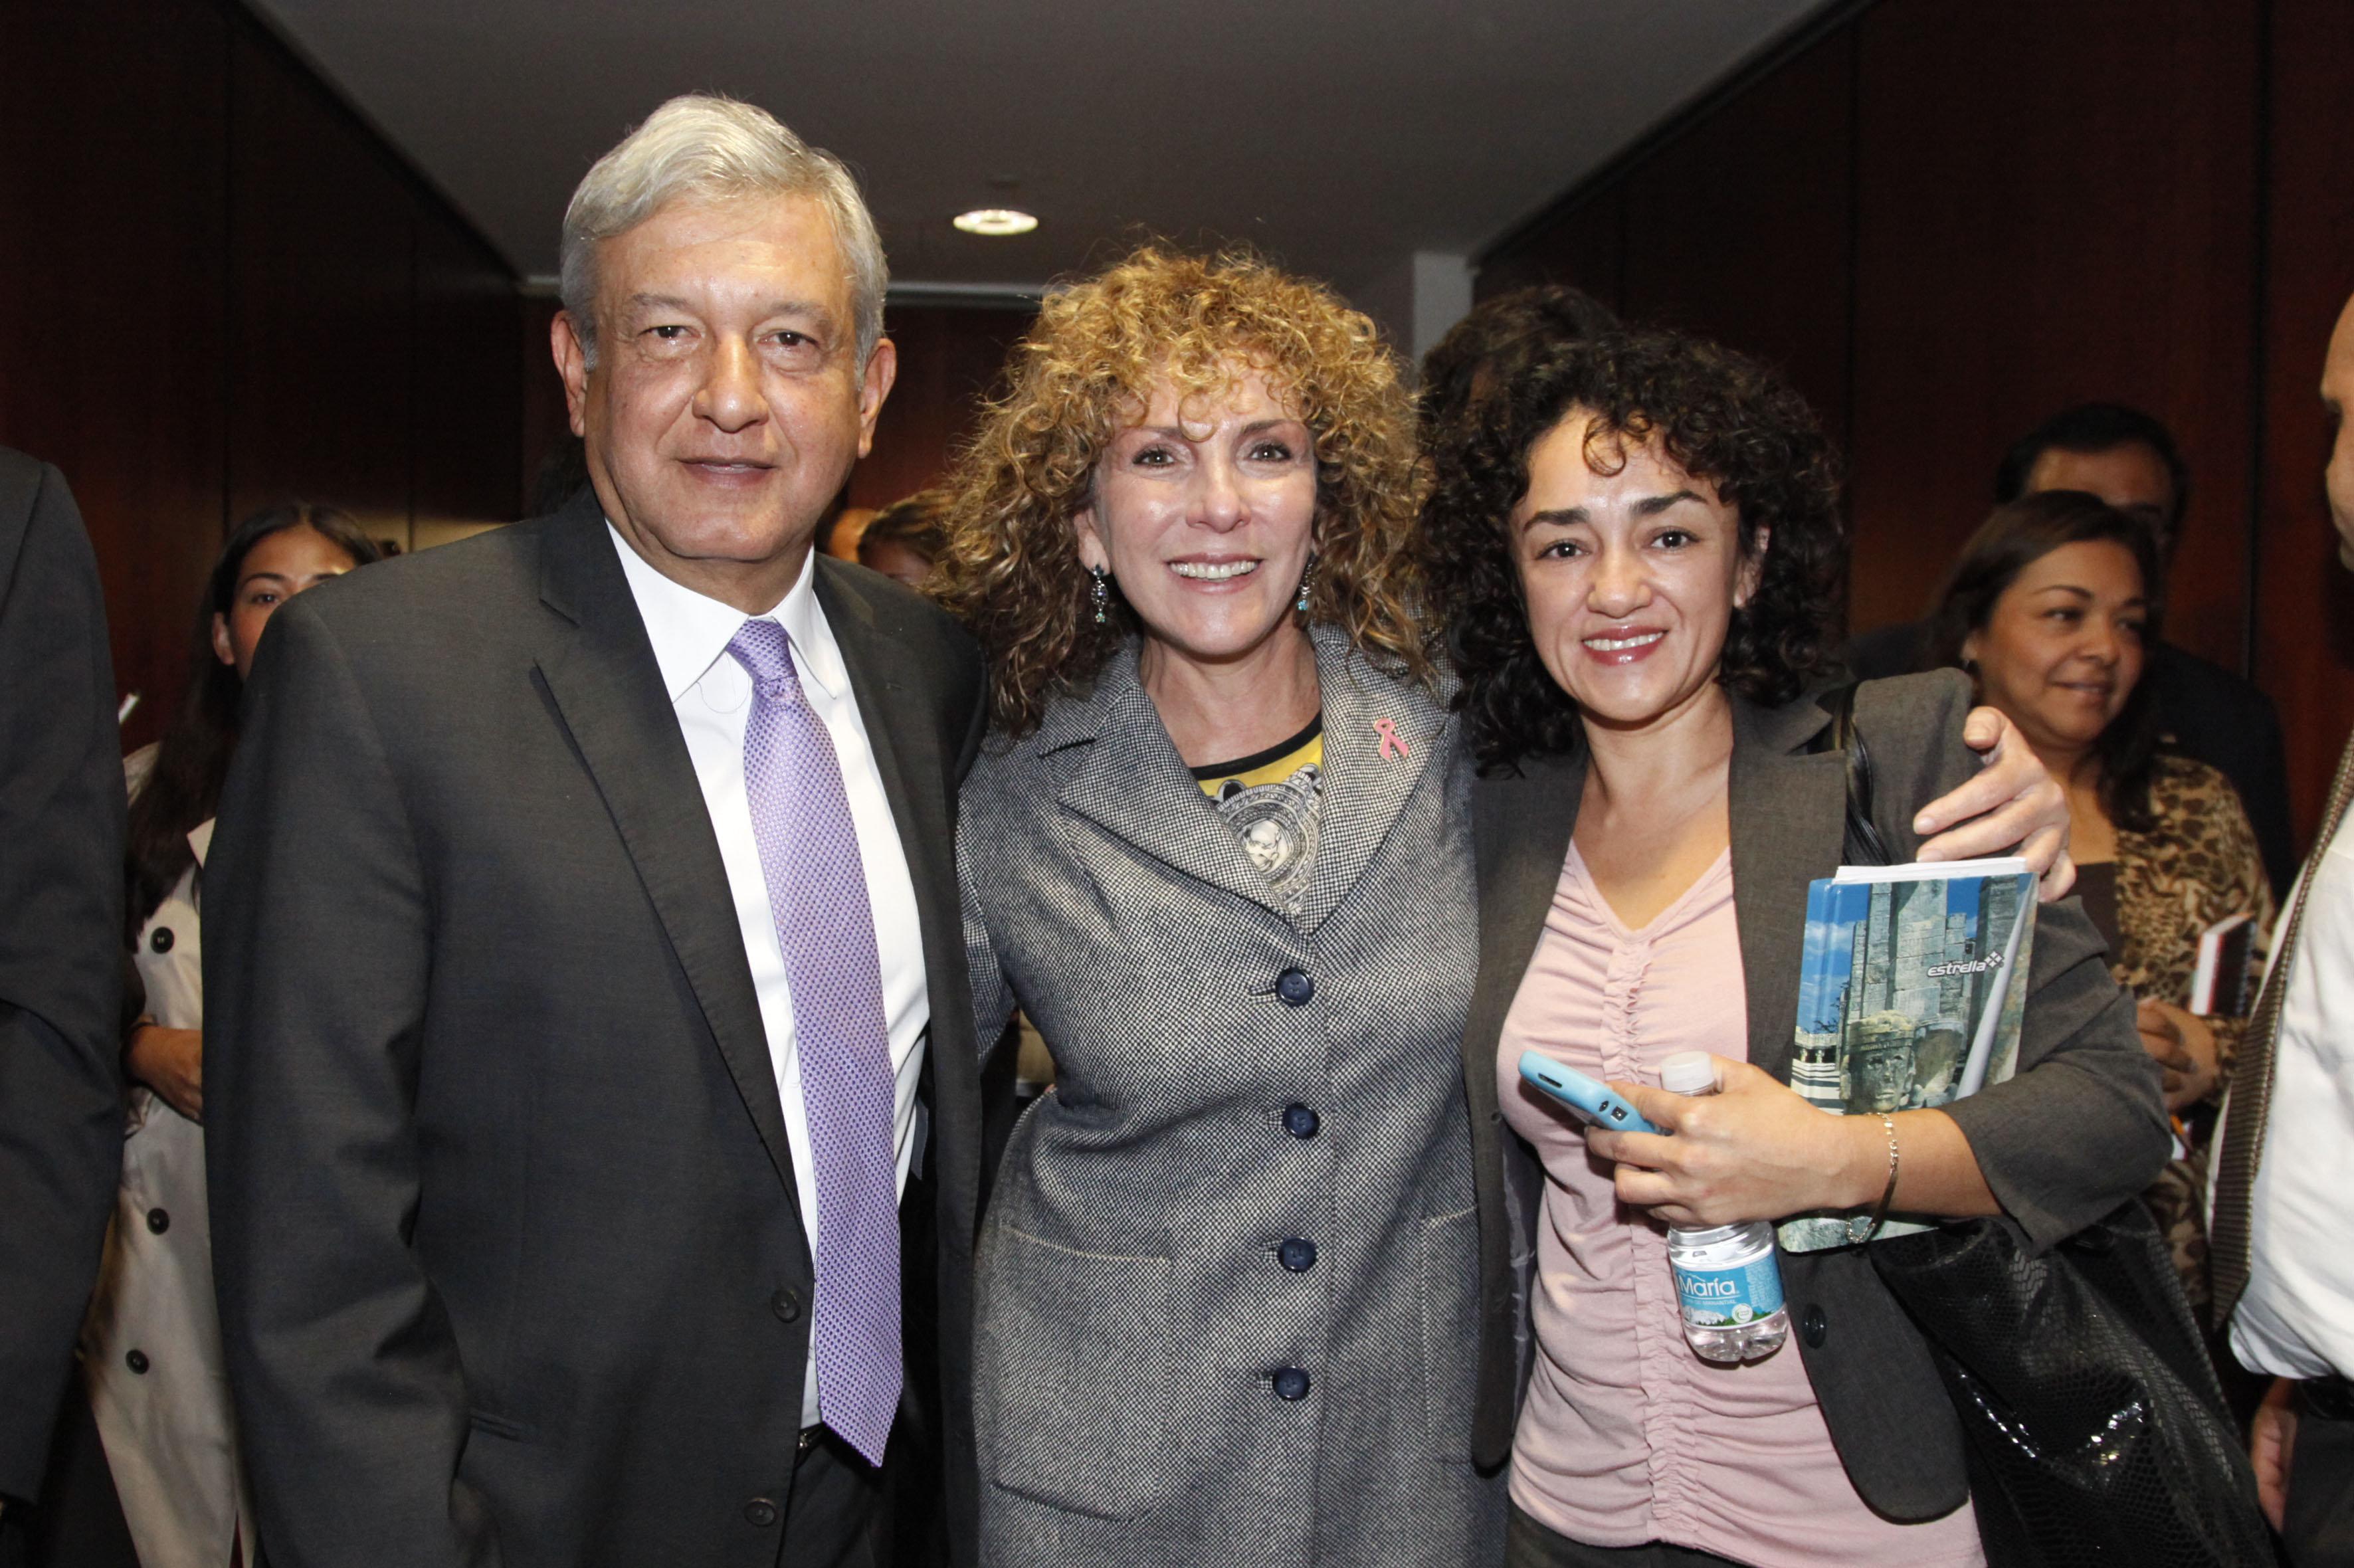 La senadora de la República de México por el estado de Quintana Roo, Luz María Beristain Navarrete (centro) con el presidente electo de México Andrés Manuel López Obrador (izq)